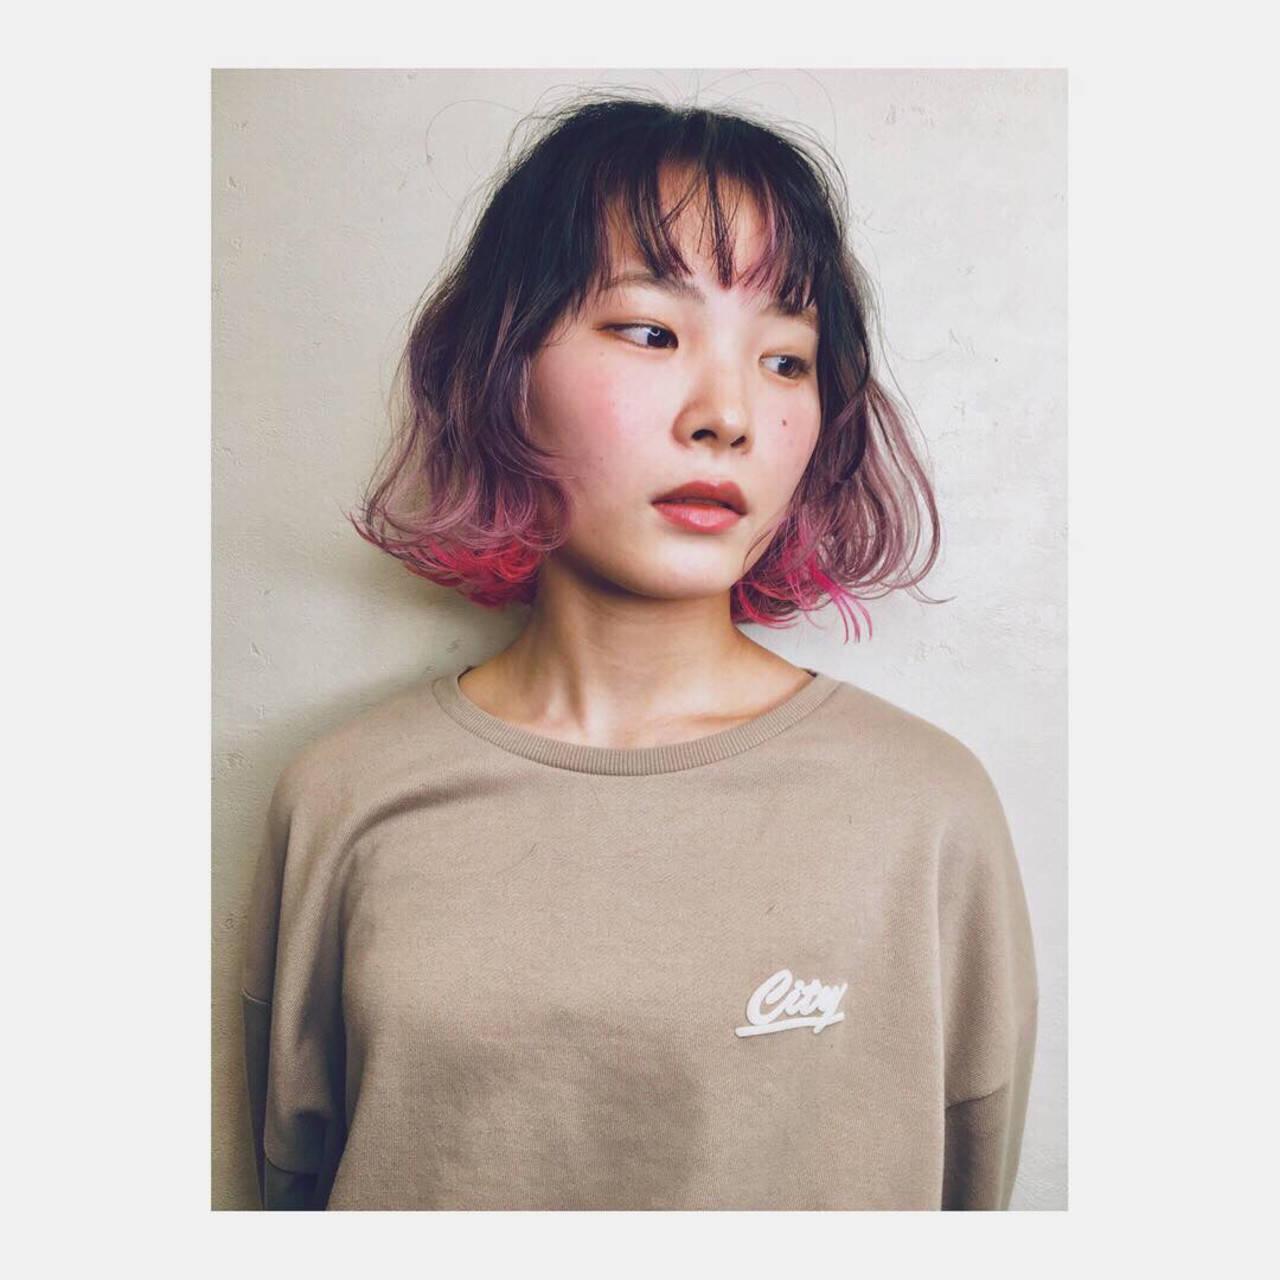 ハイトーン インナーカラー ピンク グラデーションカラーヘアスタイルや髪型の写真・画像